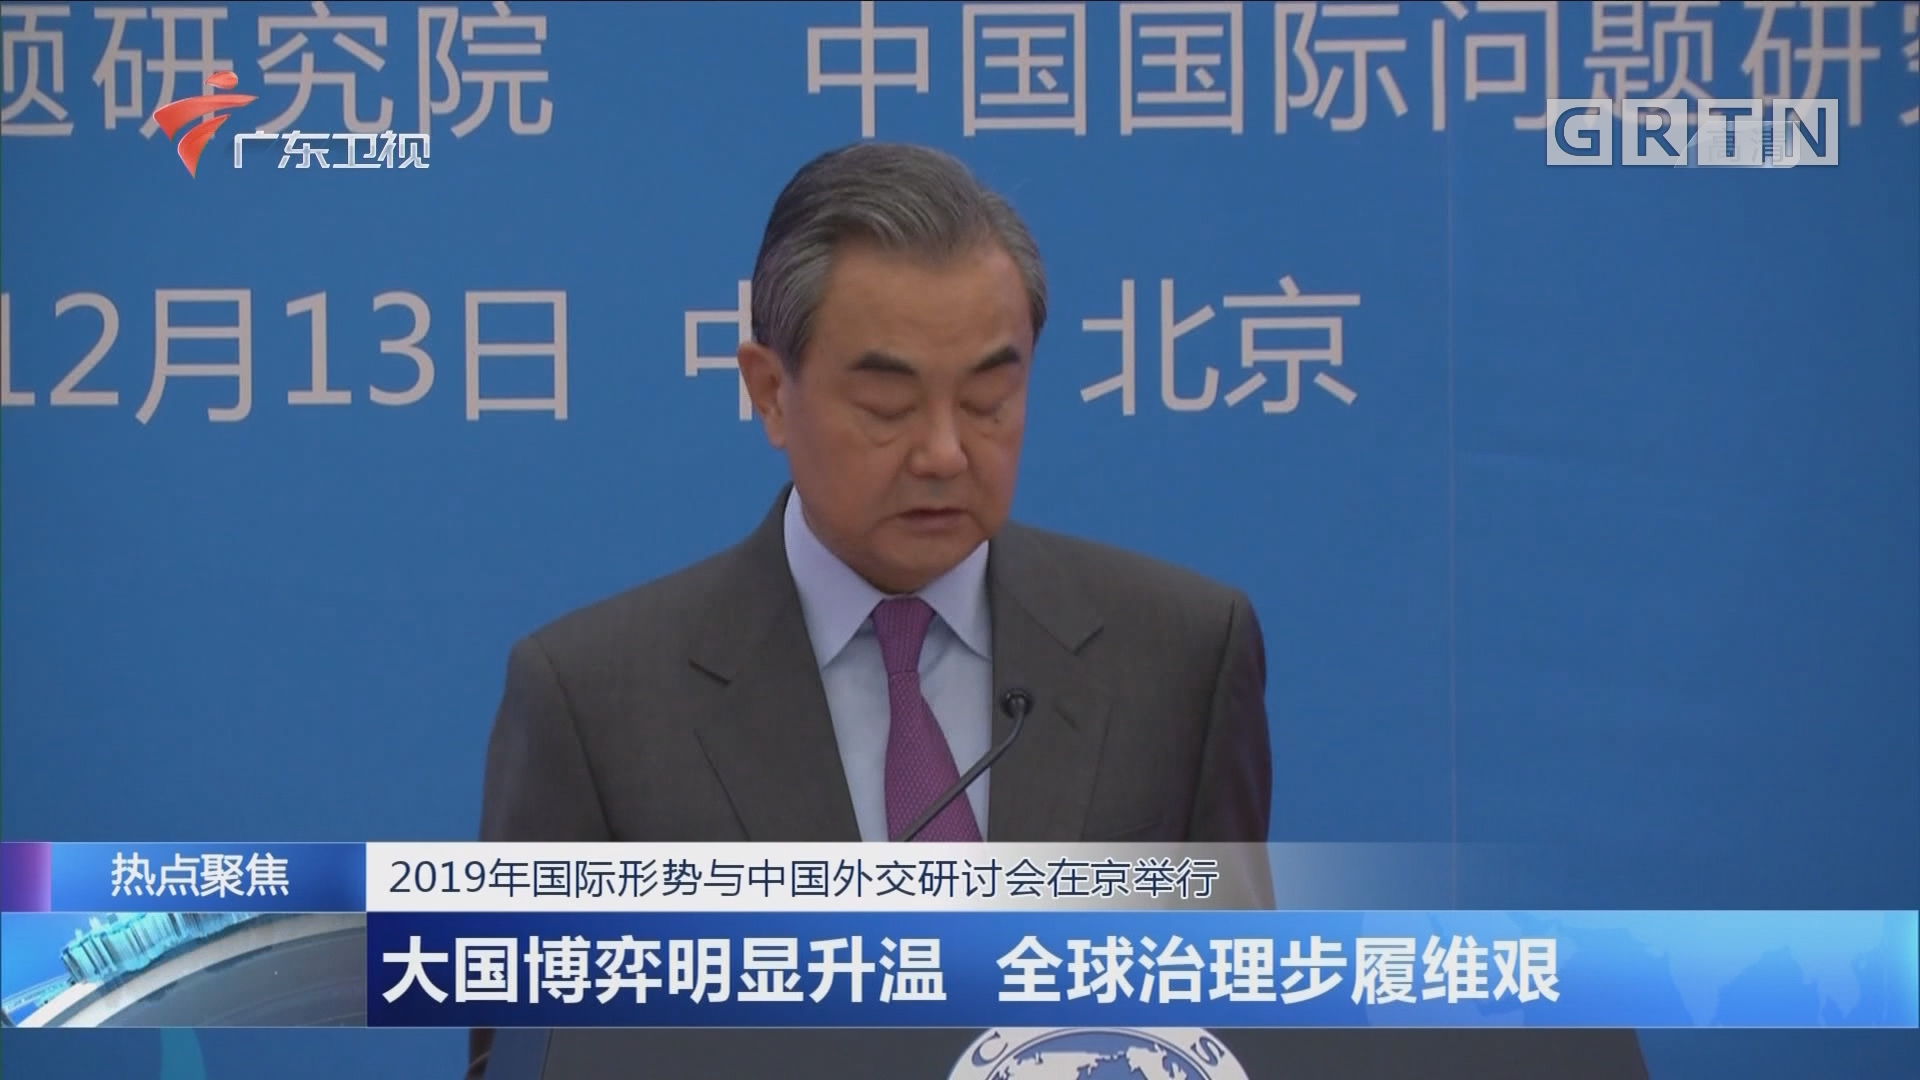 2019年国际形势与中国外交研讨会在京举行 大国博弈明显升温 全球治理步履维艰